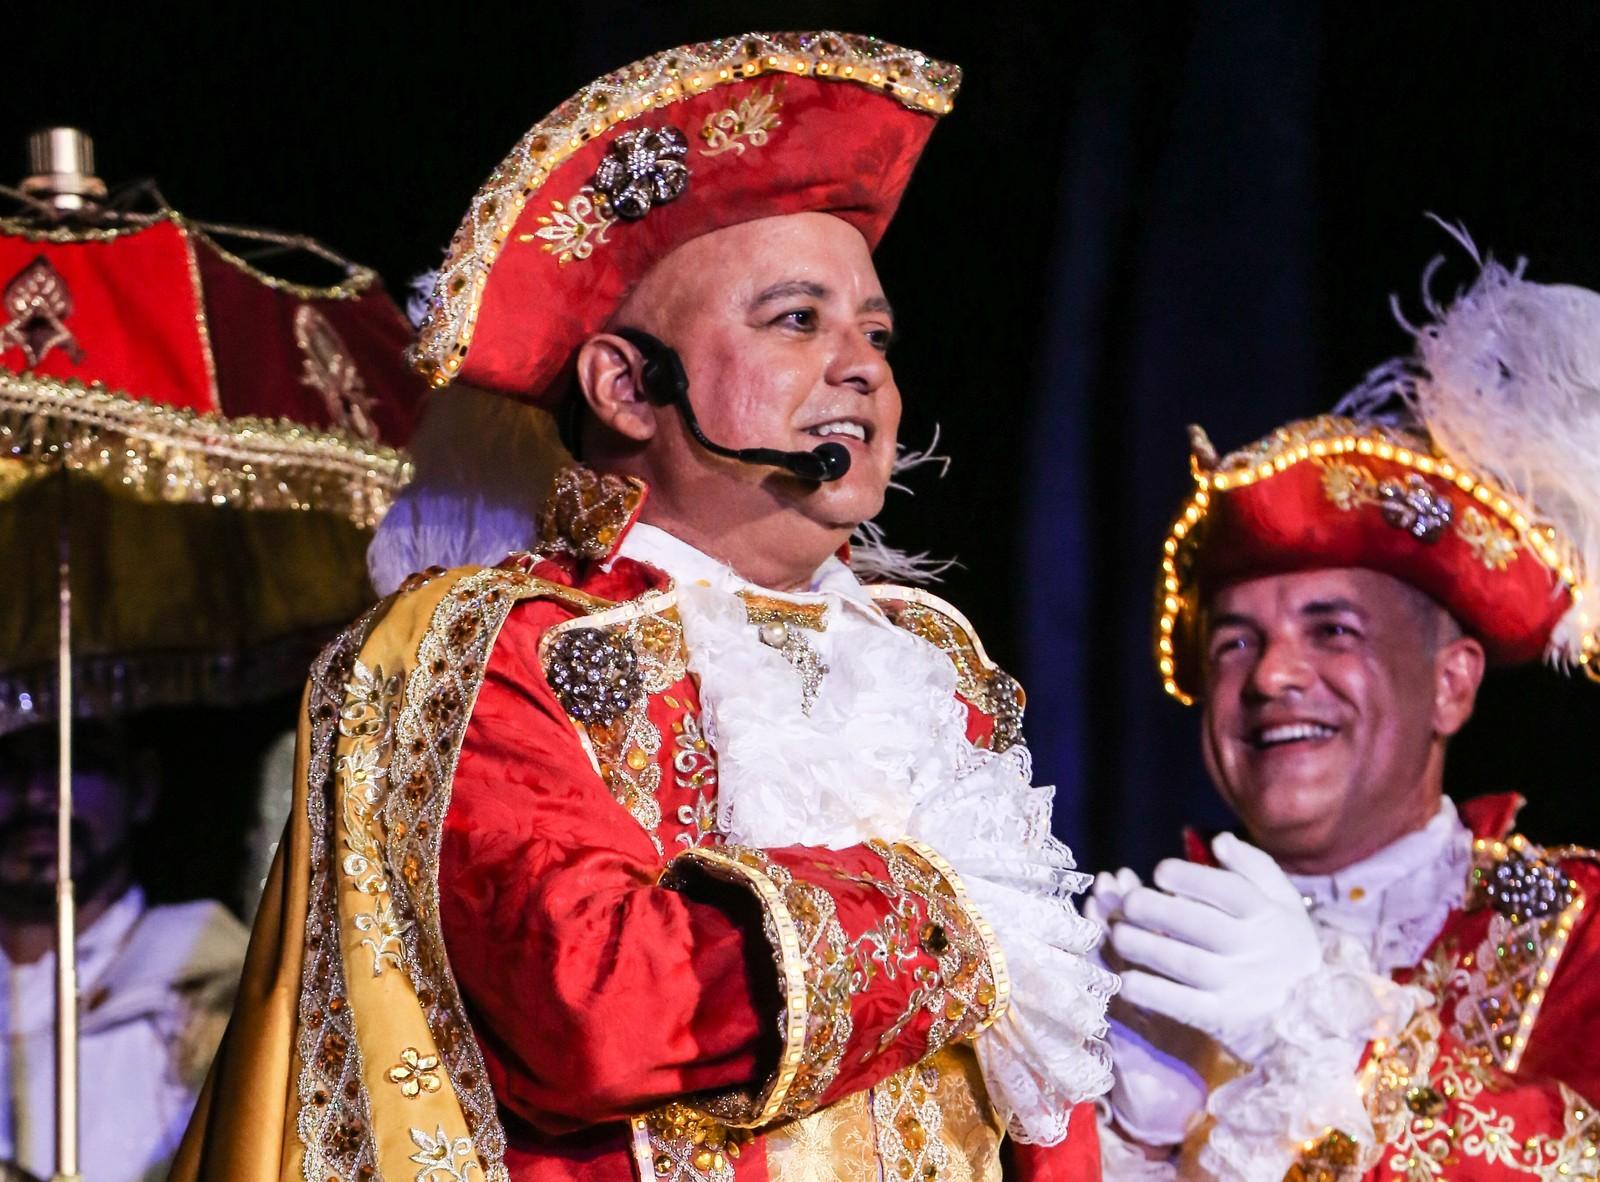 Presidente do bloco O Bondinho, Cid Albuquerque é também idealizador d'O Bonde (Foto: João Guilherme/Divulgação)